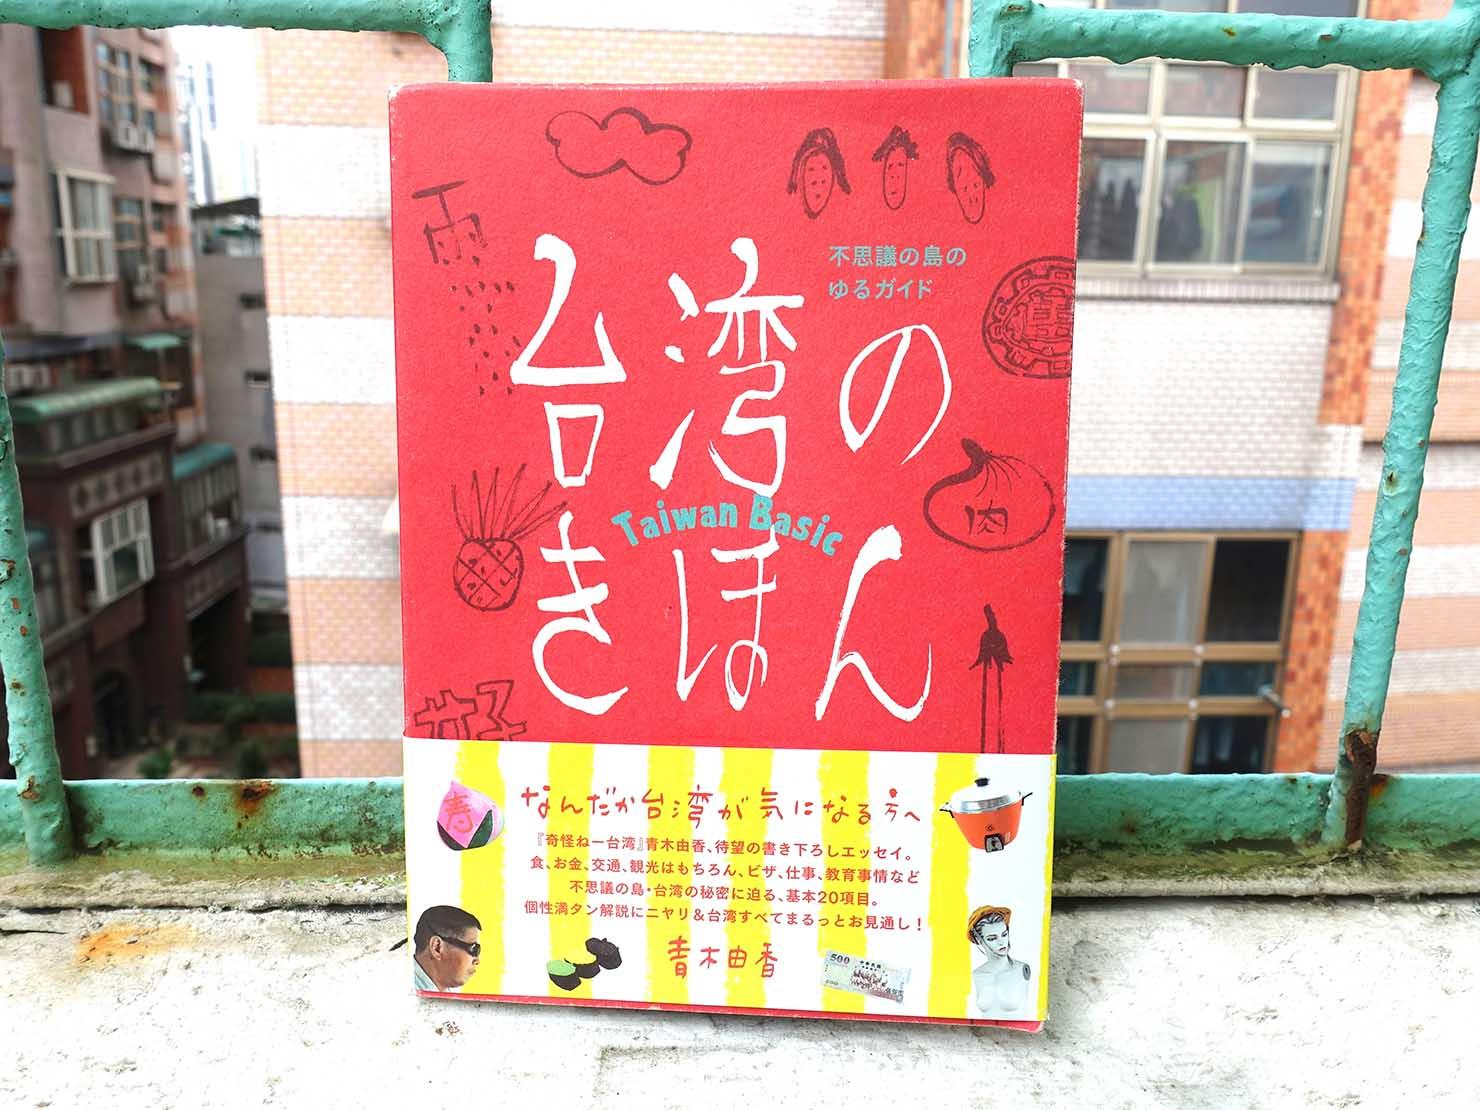 台湾現地生活がよく分かるおすすめの本『台湾のきほん 不思議の島のゆるガイド』